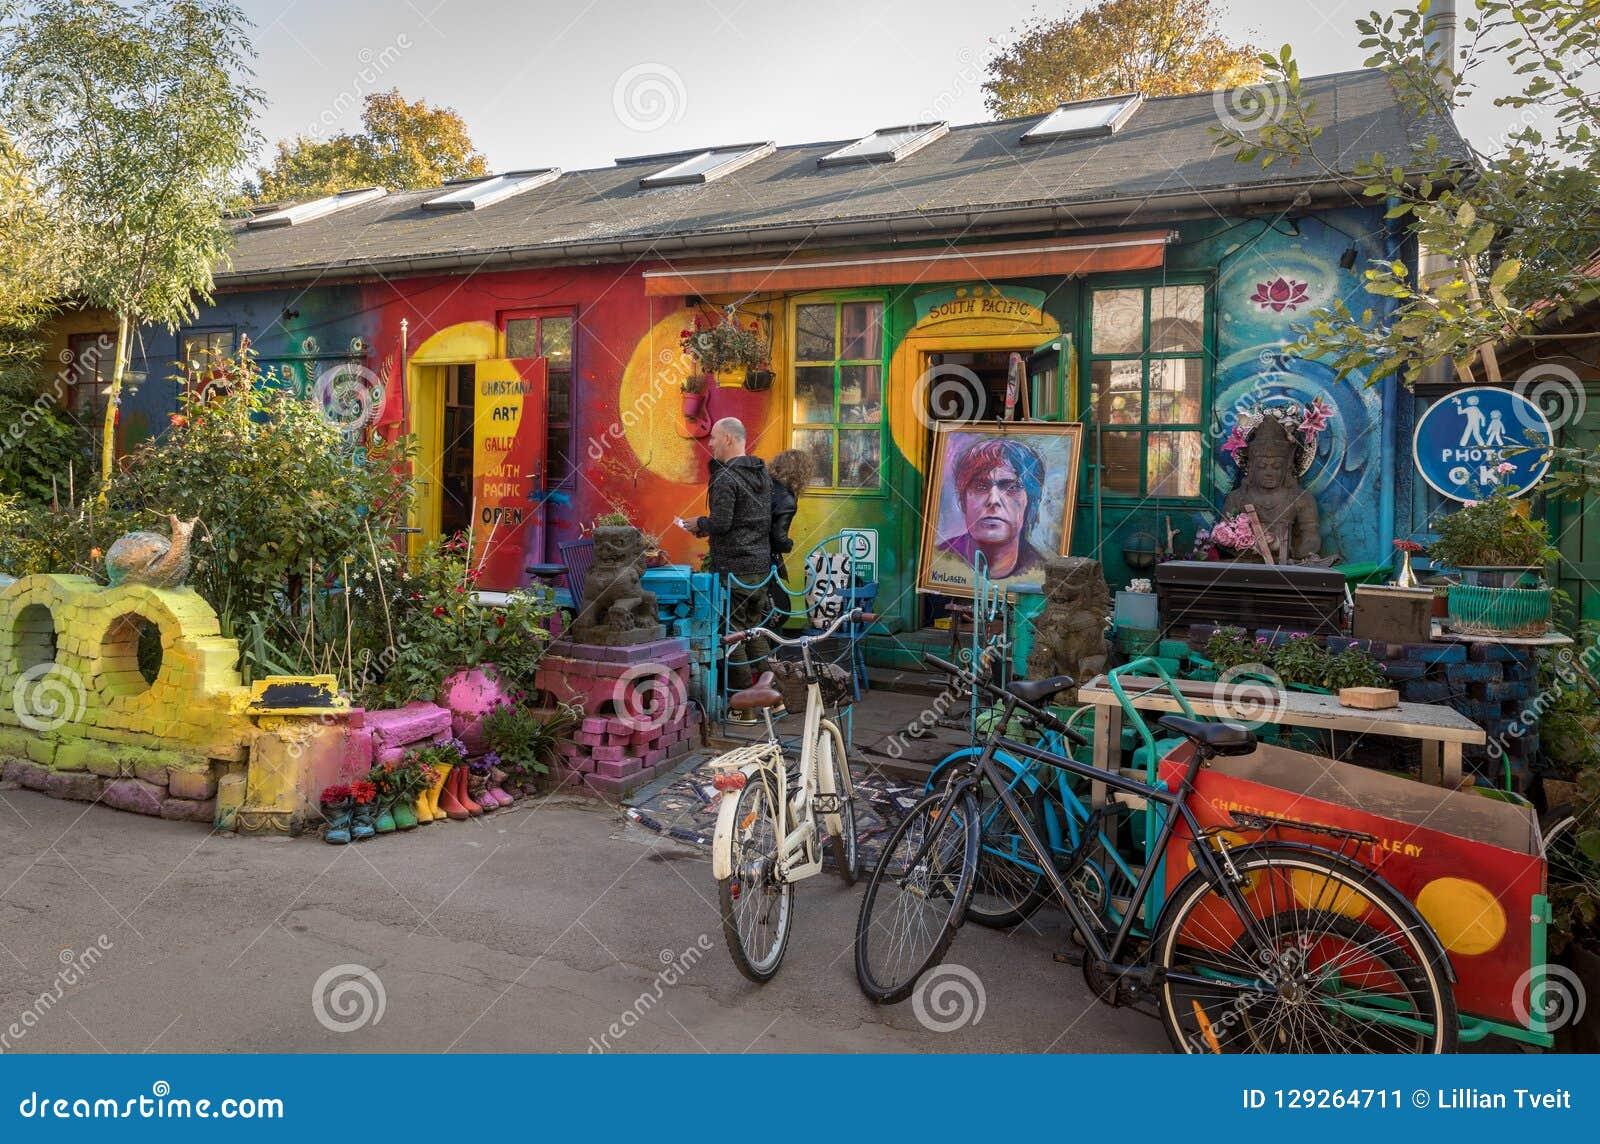 COPENHAGUE, DANEMARK - octobre 2018 : Petite, colorée boutique d art à Freetown Christiania, un autonome auto proclamé